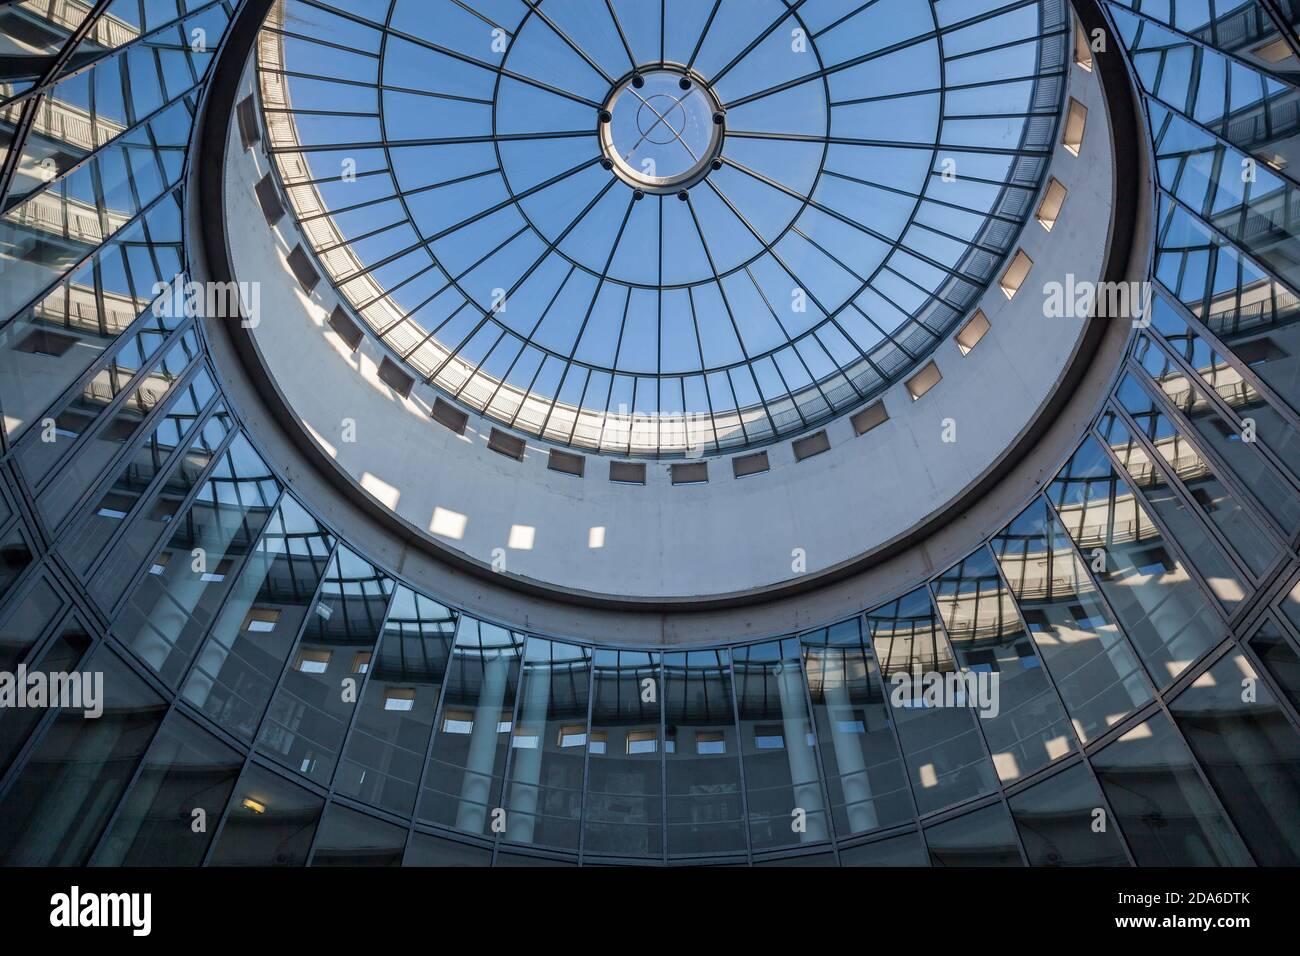 Geographie / Reisen, Deutschland, Hessen, Frankfurt am Main, die SCHIRN Kunstgalerie im Bendergass, Additional-Rights-Clearance-Info-Not-available Stockfoto